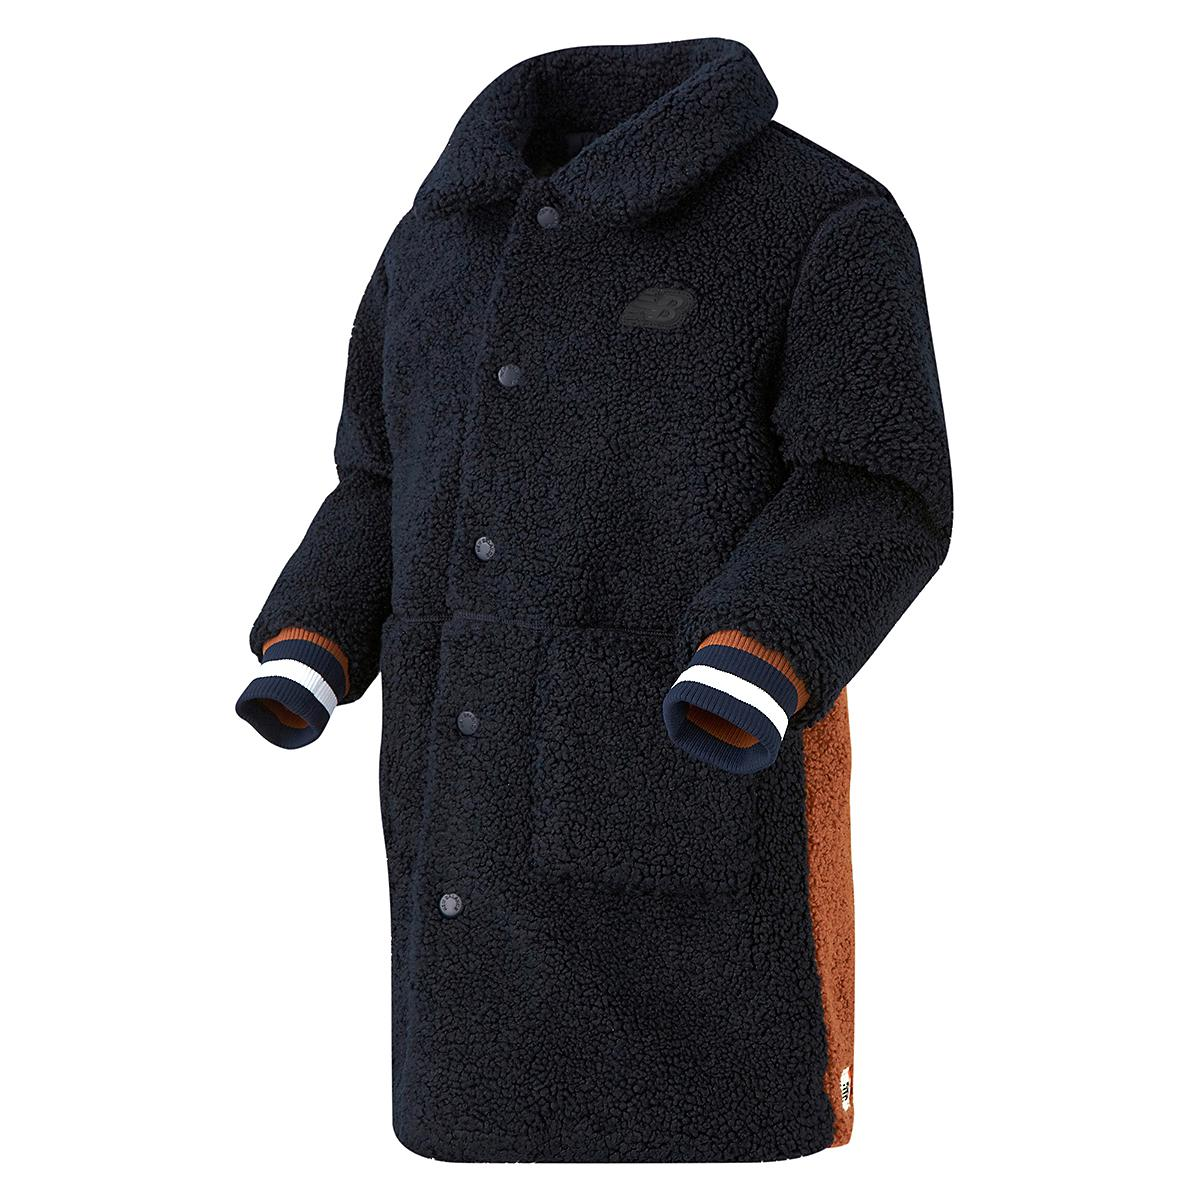 덤블플리스 코트형 자켓